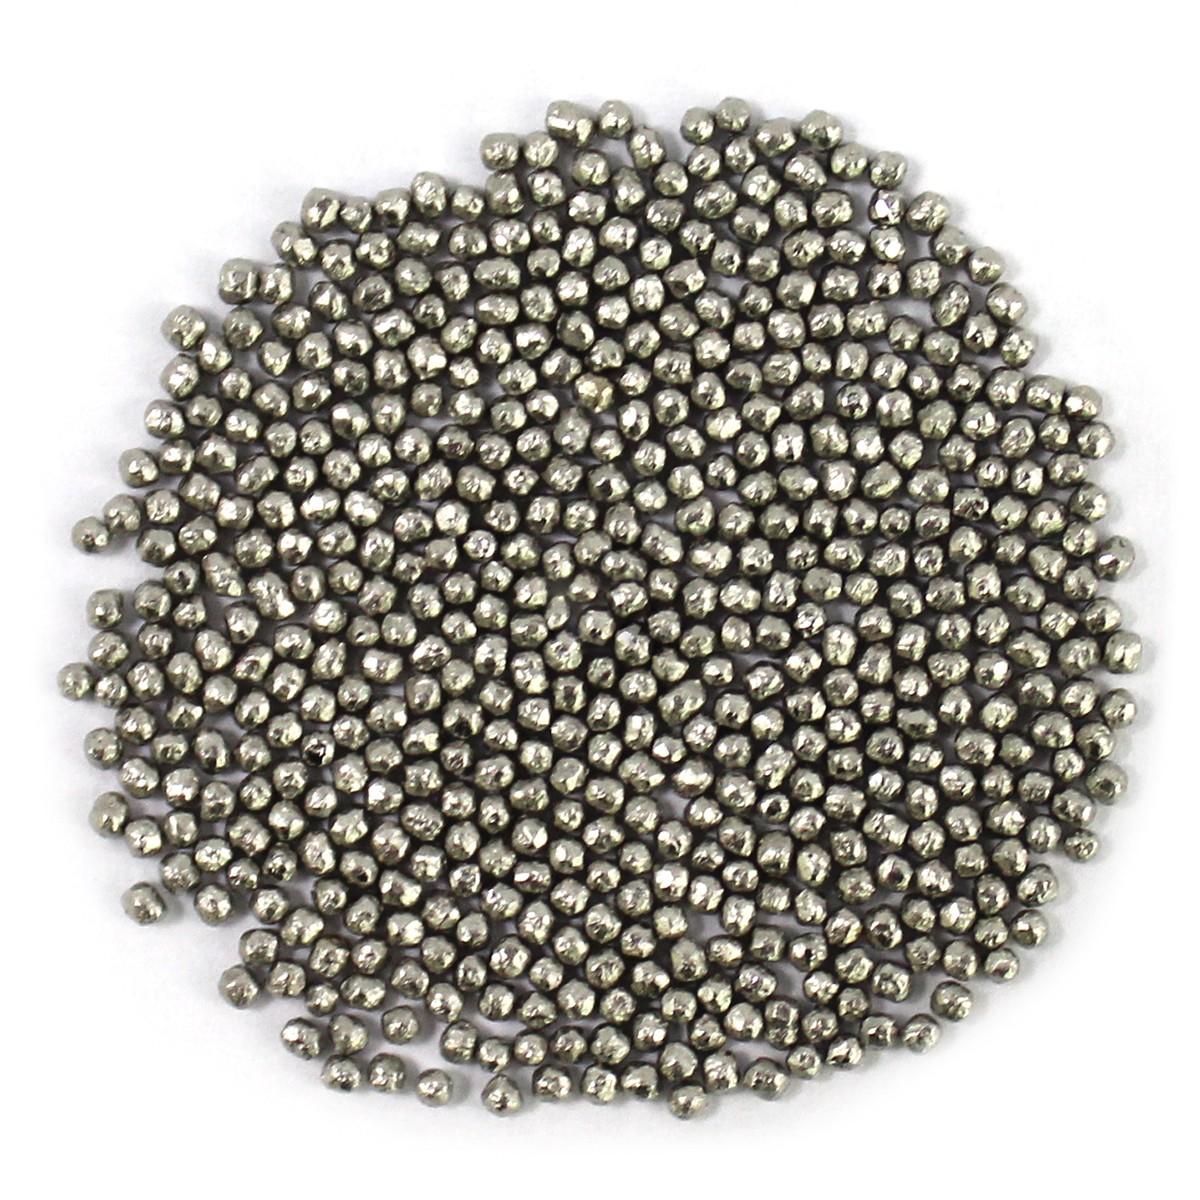 Magnetic Tumbling Spheres - 2.3mm